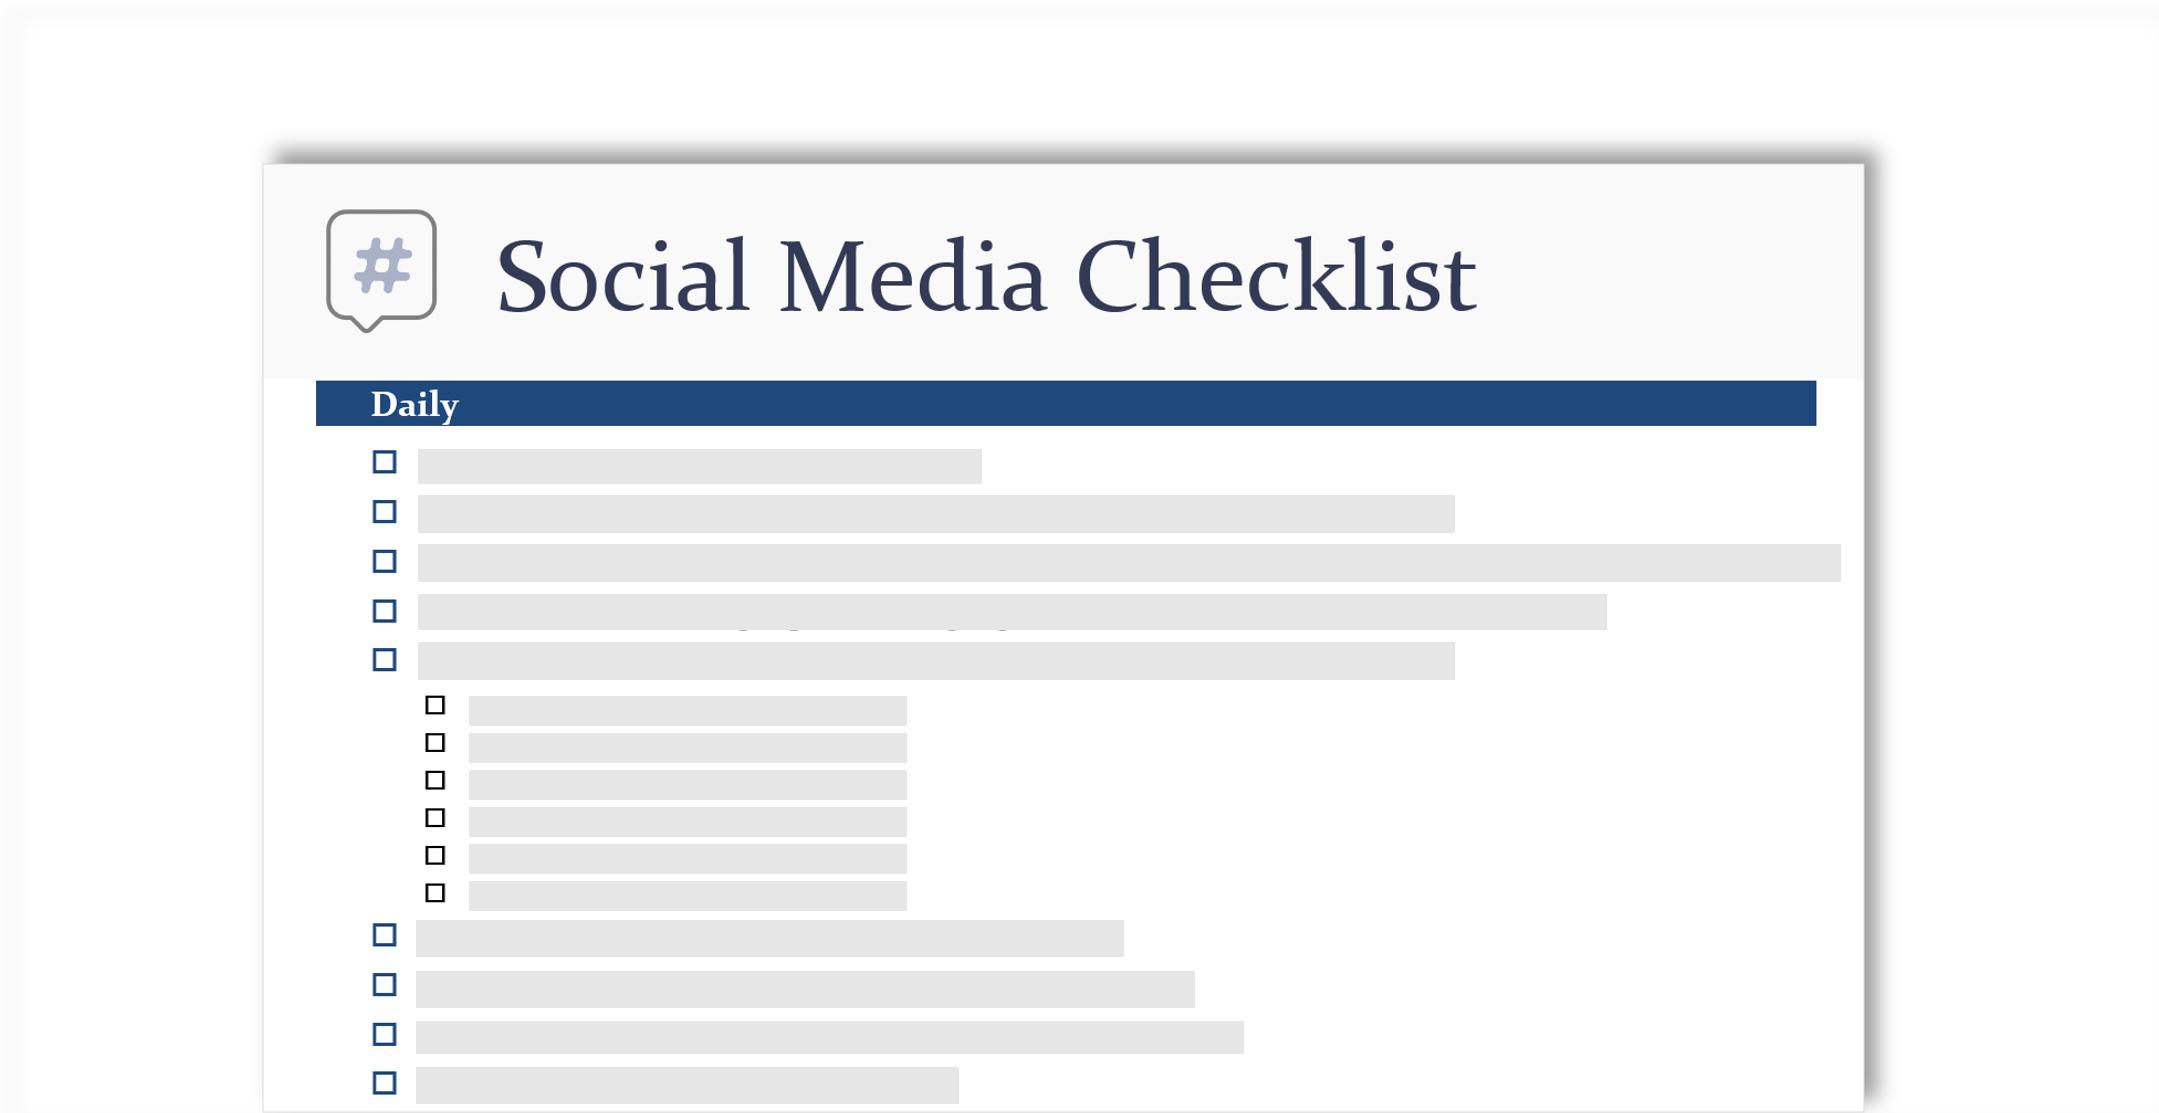 концептуално изображение на контролен списък за социални медии